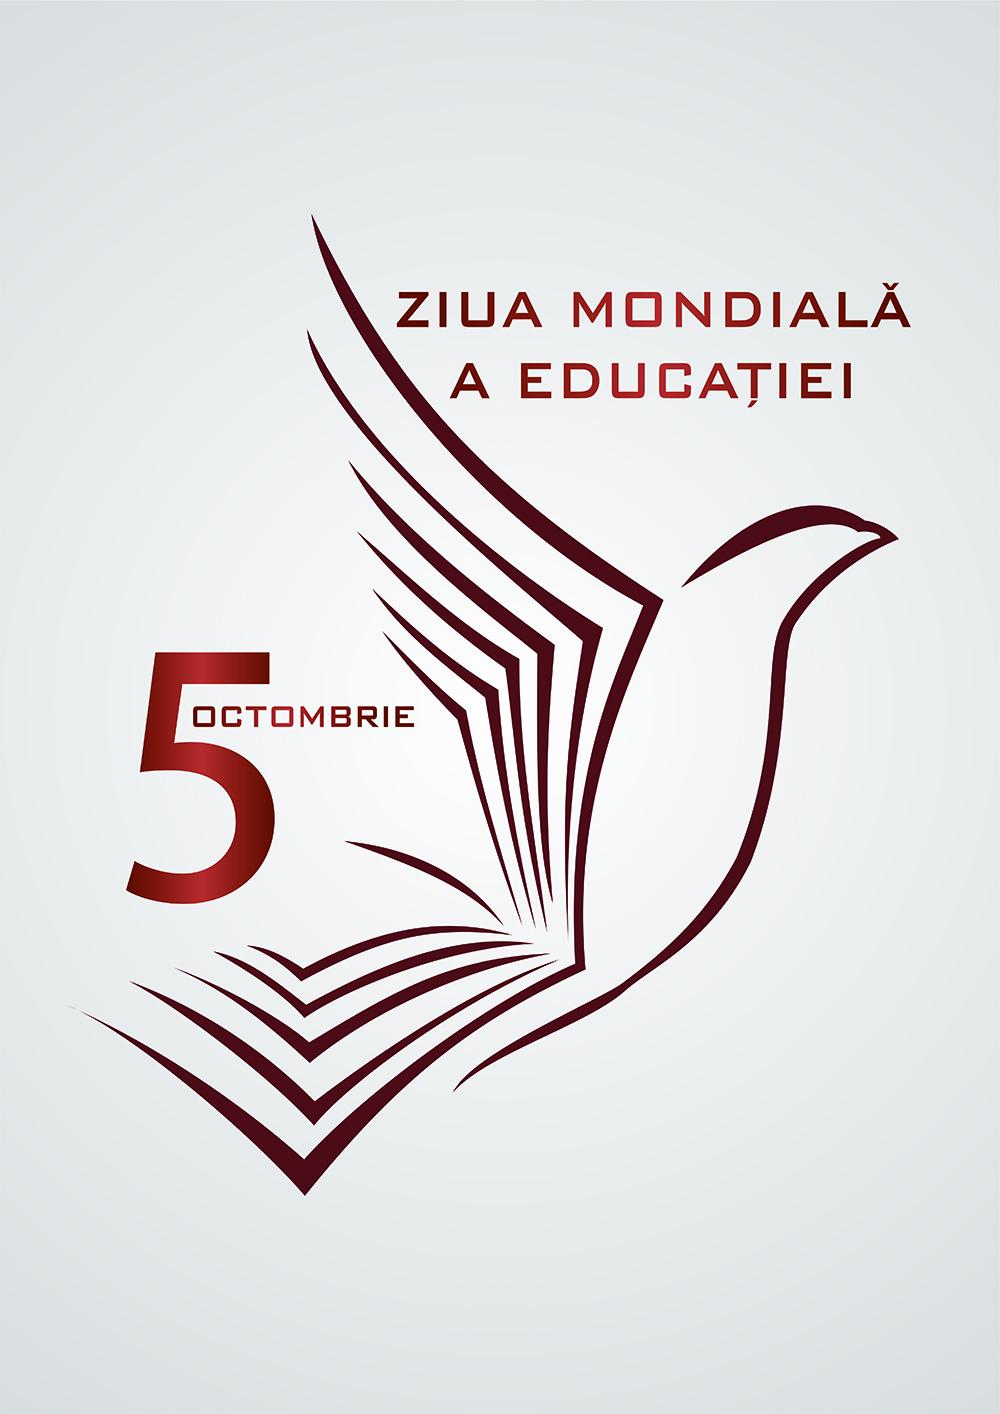 5 octombrie: Ziua Mondială a Educației